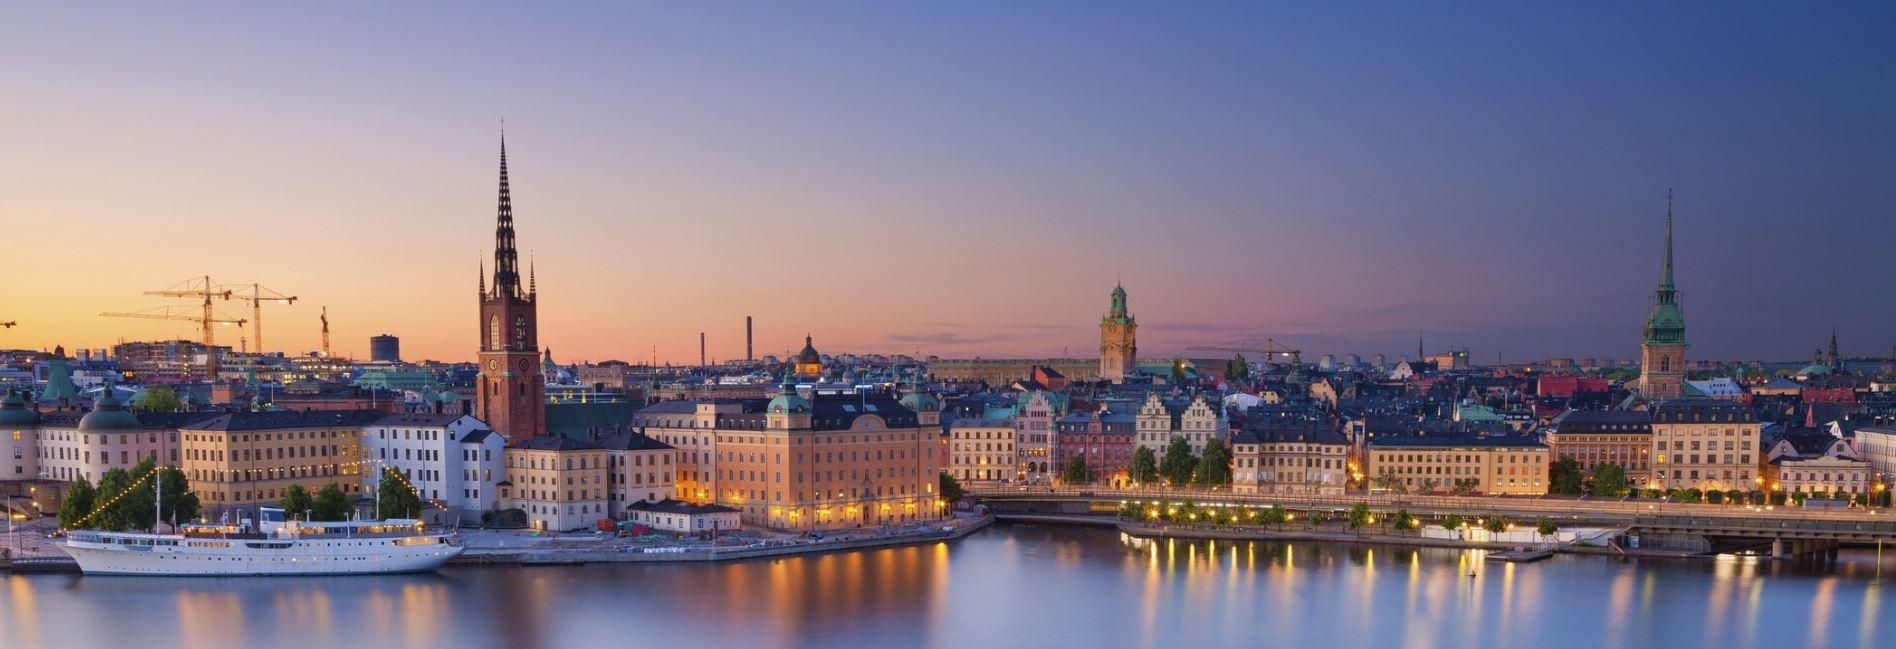 Vad man ska se och uppleva i Sverige